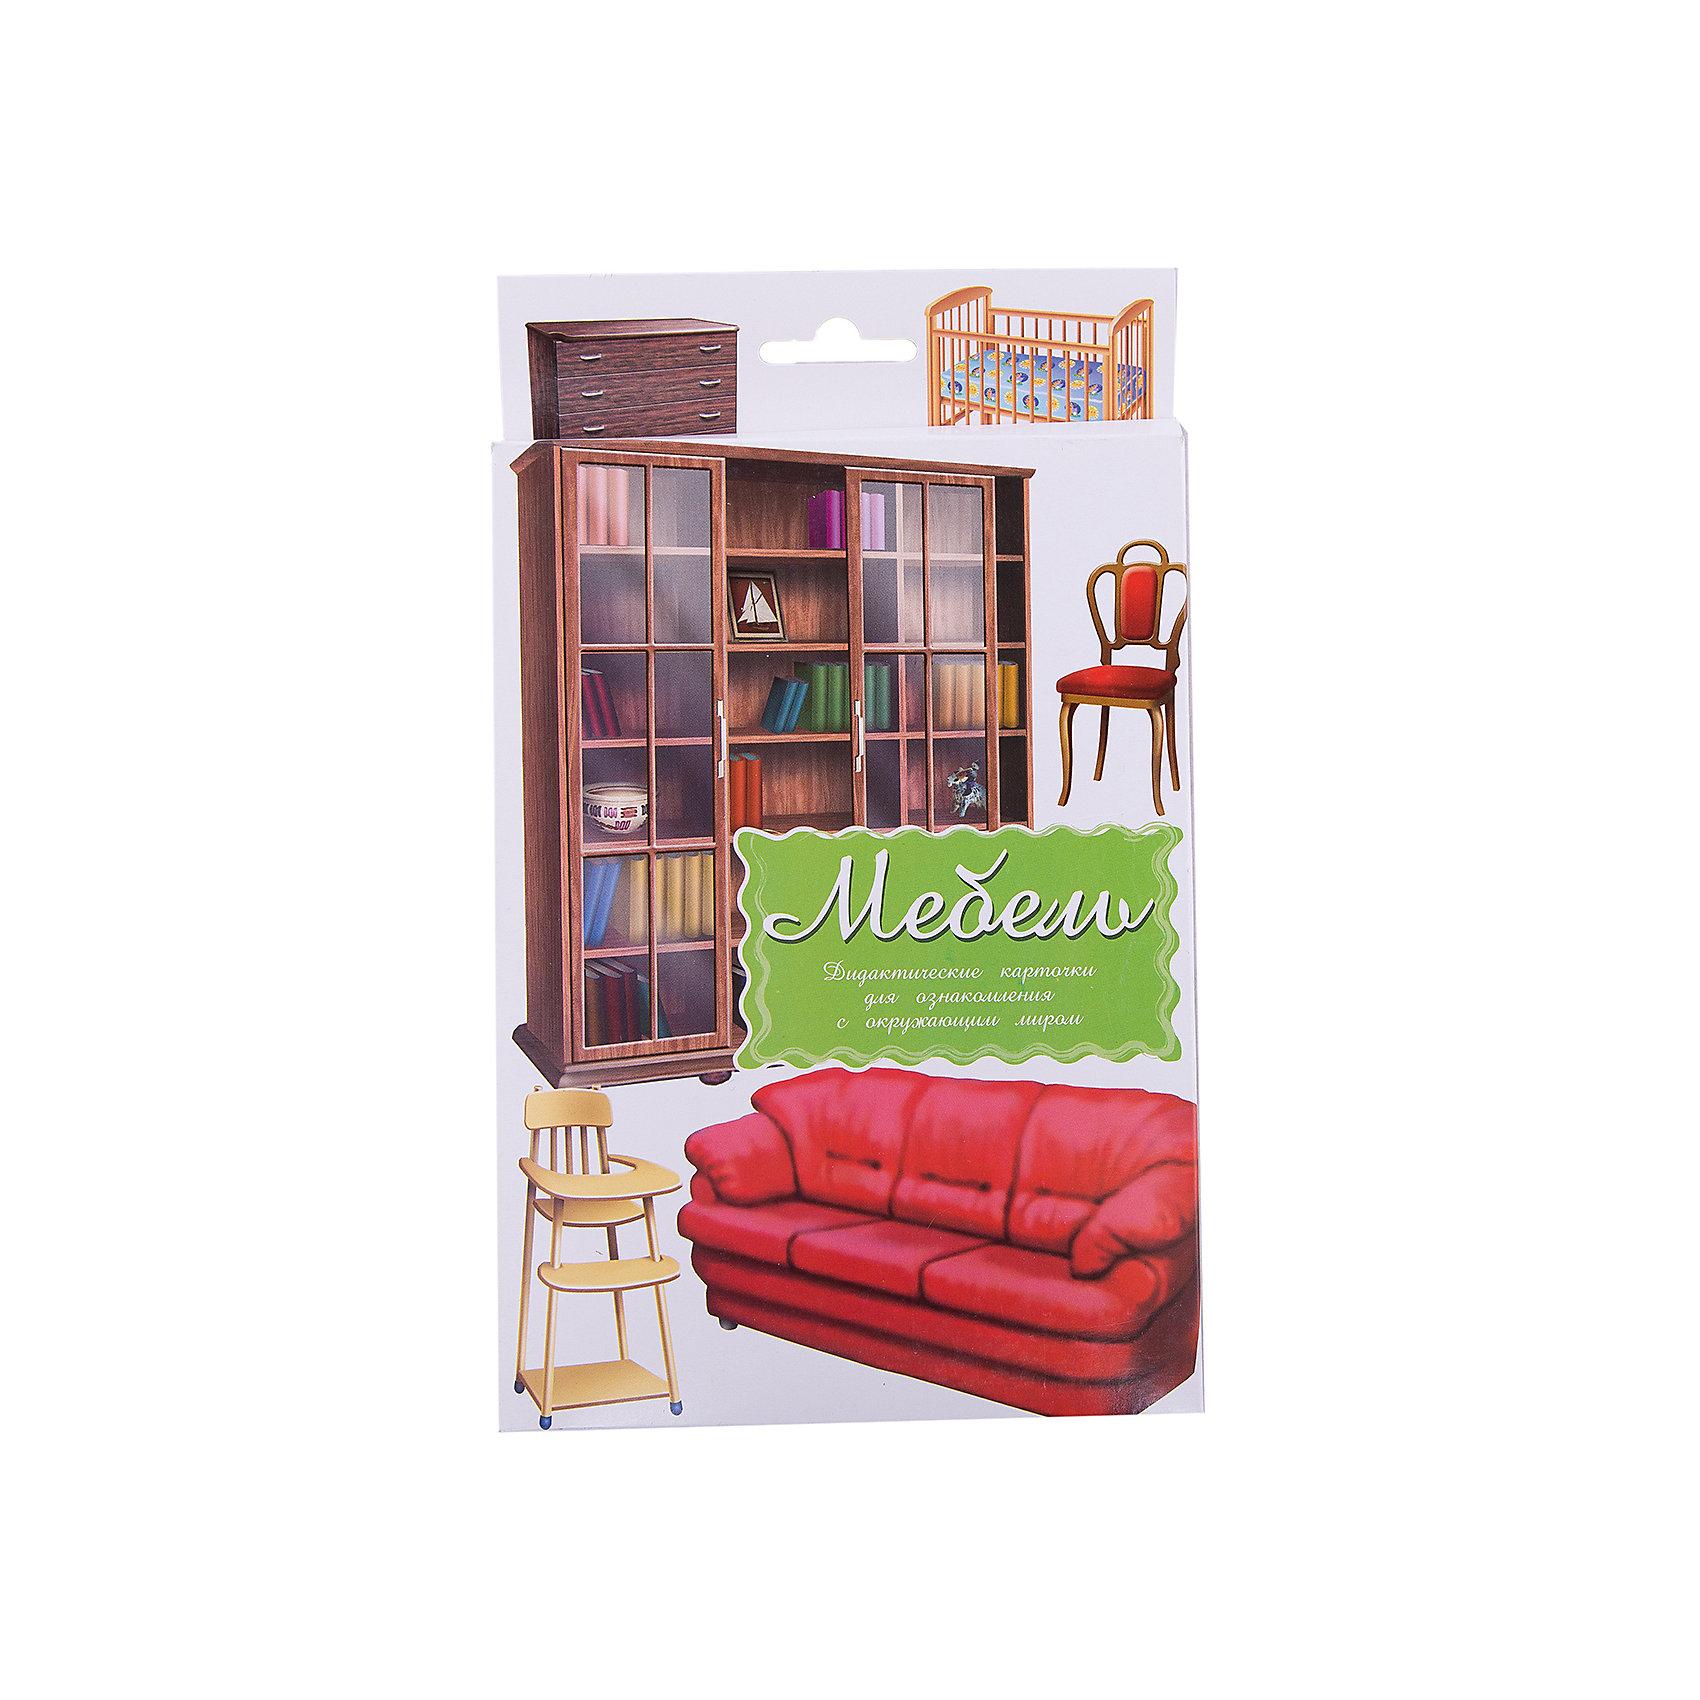 Дидактические карточки Мебель, Маленький генийДидактические карточки Мебель, Маленький гений.<br><br>Характеристики:<br><br>• Художник: Барулин Б.<br>• Количество карточек: 16<br>• Размер карточек: 25х15 см.<br>• Материал: картон<br>• Упаковка: картонный блистер с европодвесом<br>• Размер упаковки: 25,2х15,1х1 см.<br><br>Дидактические карточки с крупными яркими картинками познакомят малыша с мебелью: комодом, книжным шкафом, диваном, сервантом, платяным шкафом, детской кроваткой, кроватью, обеденным столом, письменным столом, детским стульчиком, венским стулом, софой, полкой, тумбой, журнальным столиком и креслом. Всего в набор входит 16 карточек. На одной стороне каждой карточки изображен предмет мебели, а на обратной стороне дано его описание: происхождение названия, история, вопросы, которые можно задать ребенку о прочитанном. <br><br>Совсем маленькому ребенку можно просто показывать карточки и называть изображенные на них предметы. Когда он запомнит их можно просить его найти карточку с тем или иным предметом или назвать мебель, которую Вы ему показываете. Если ребенок учится читать, можно отрезать названия и, перемешав, предложить ребенку подобрать картинки к названиям. <br><br>С карточками можно организовать и множество игр на развитие внимания, логического мышления и памяти. Игра «Четвертый лишний»: из четырех карточек, одна из которых отличается от трех других, ребенок должен выбрать лишнюю и объяснить свой выбор. Можно по очереди с ребенком отвечать на вопрос «Какой?» относительно каждой карточки, стараясь дать больше ответов. <br><br>Разглядывая карточки, играя с ними, ваш малыш не только обогатит свой багаж знаний об окружающем мире, но и научится составлять предложения, беседовать по картинкам, классифицировать и систематизировать предметы. Карточки рекомендуются родителям, логопедами, психологами, воспитателями детских садов, учителями начальных классов для познавательных игр с детьми и занятий по методике Глена Домана.<br><br>Дидактические карточки Меб